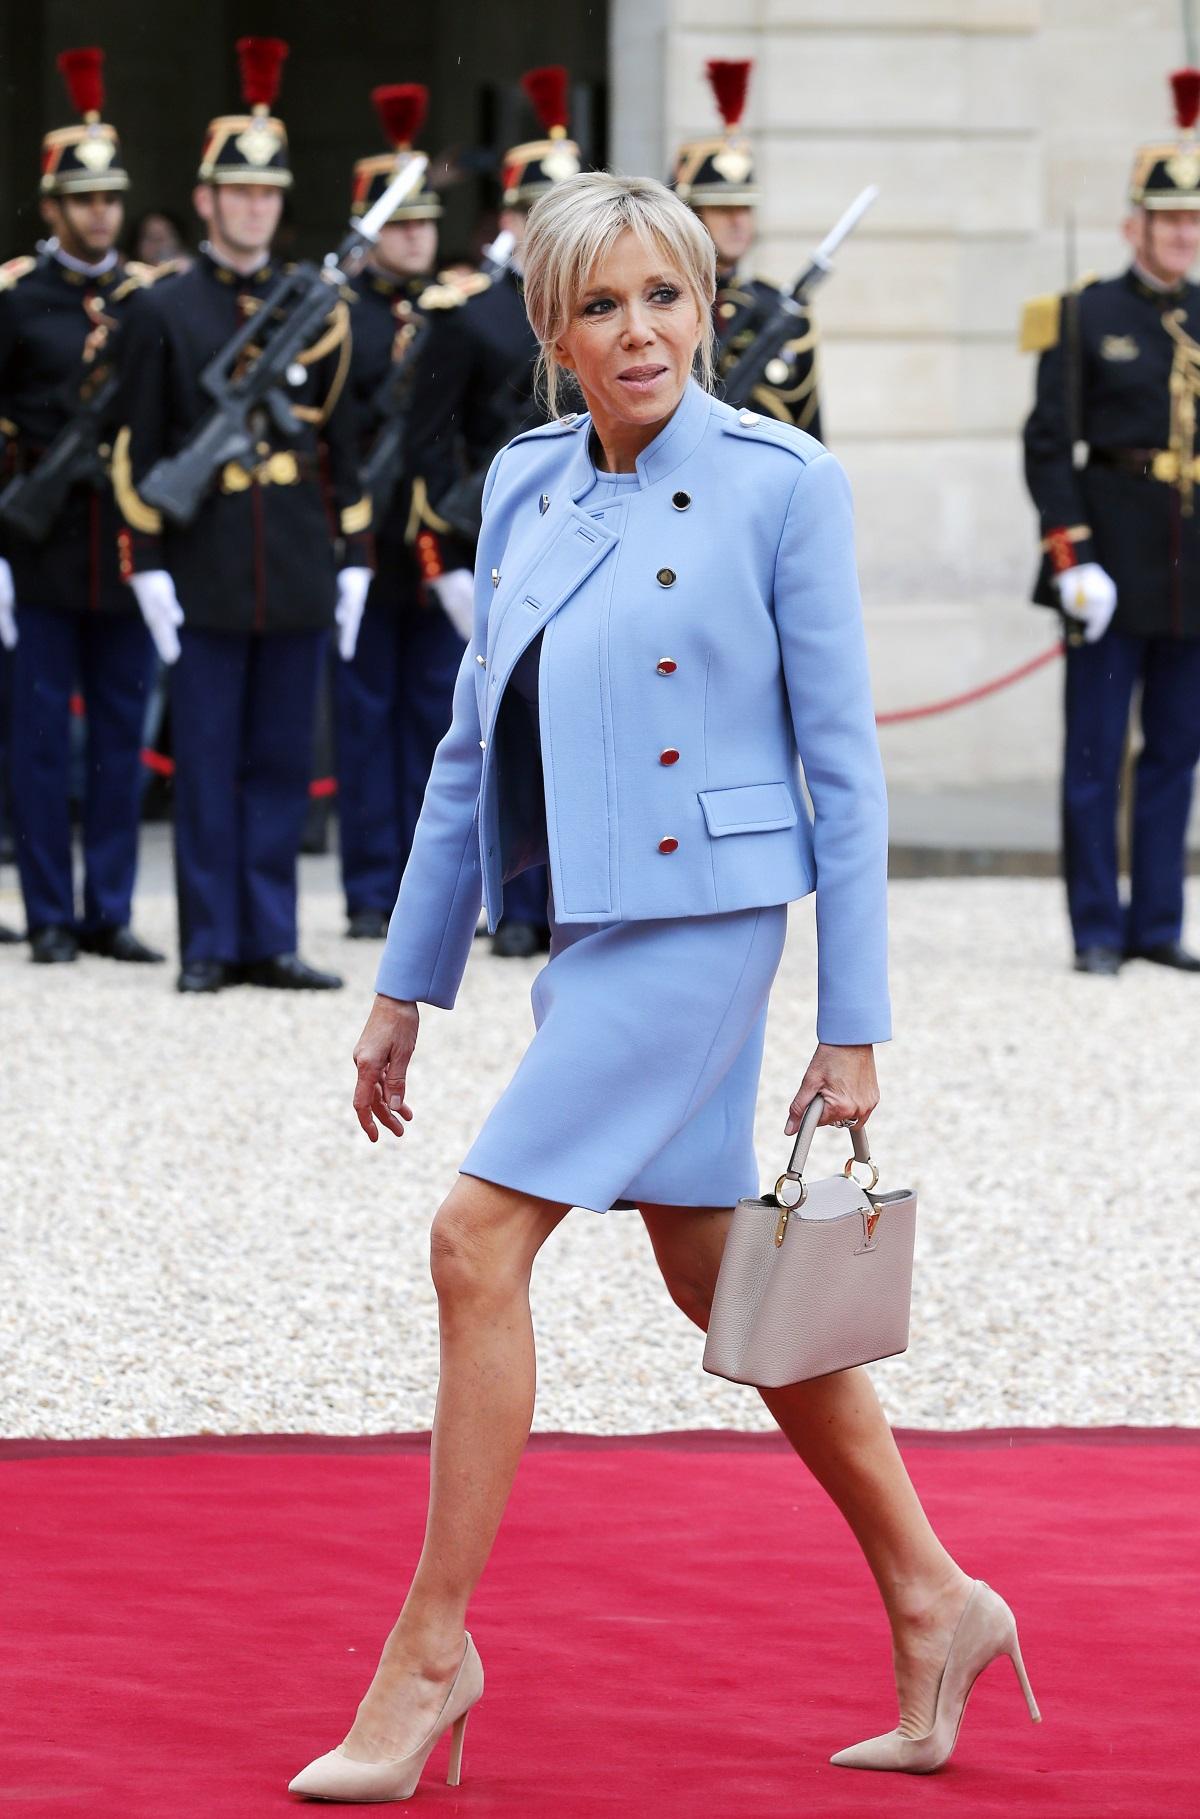 Брижит Макрон на церемонията по встъпване в длъжност на новия президент на Франция - Еманюел Макрон.